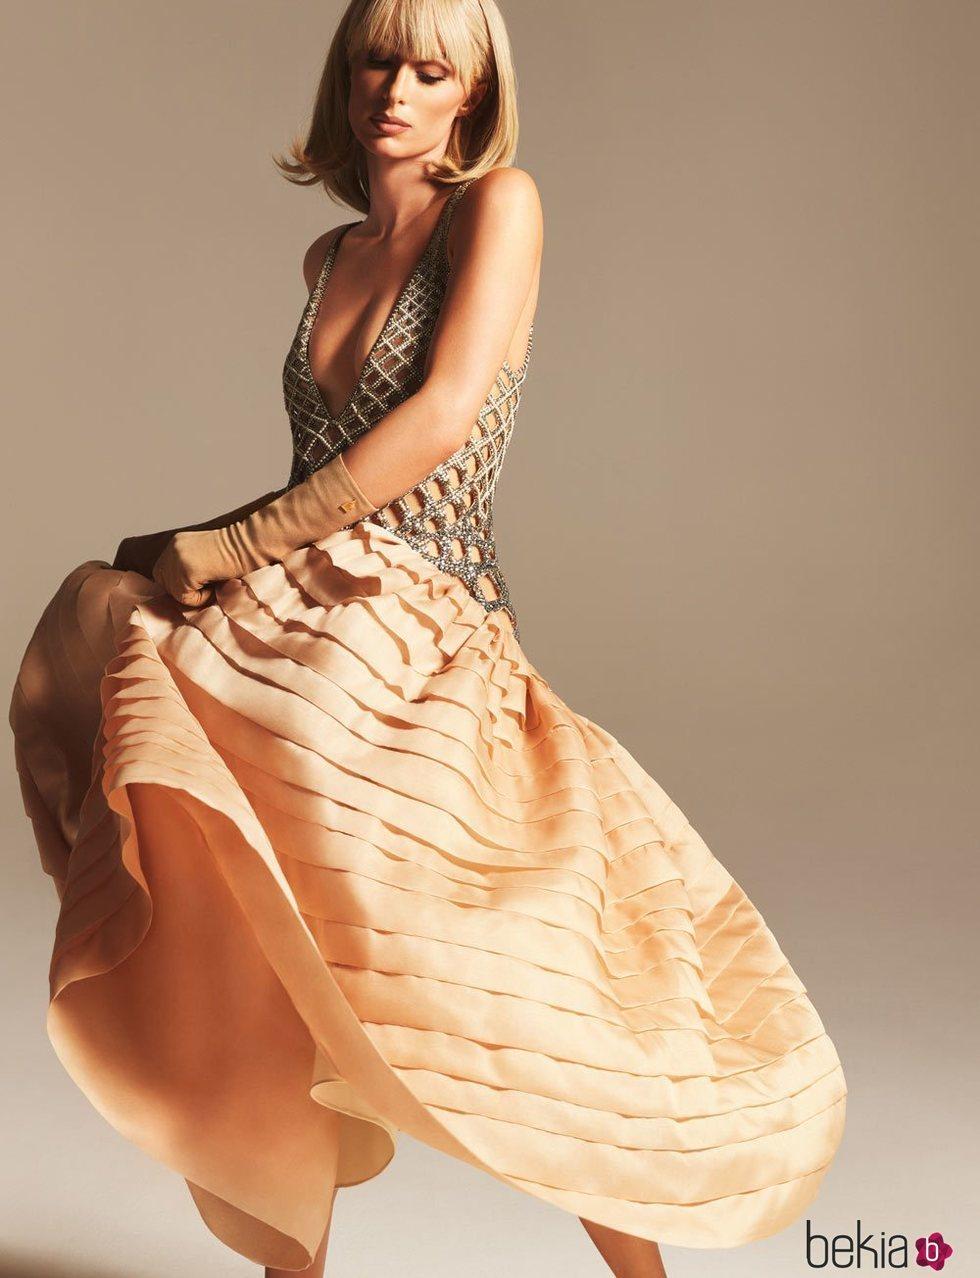 Pari Hilton con vestido de volantes de la colección otoño/invierno 2021/2022 de Lanvin